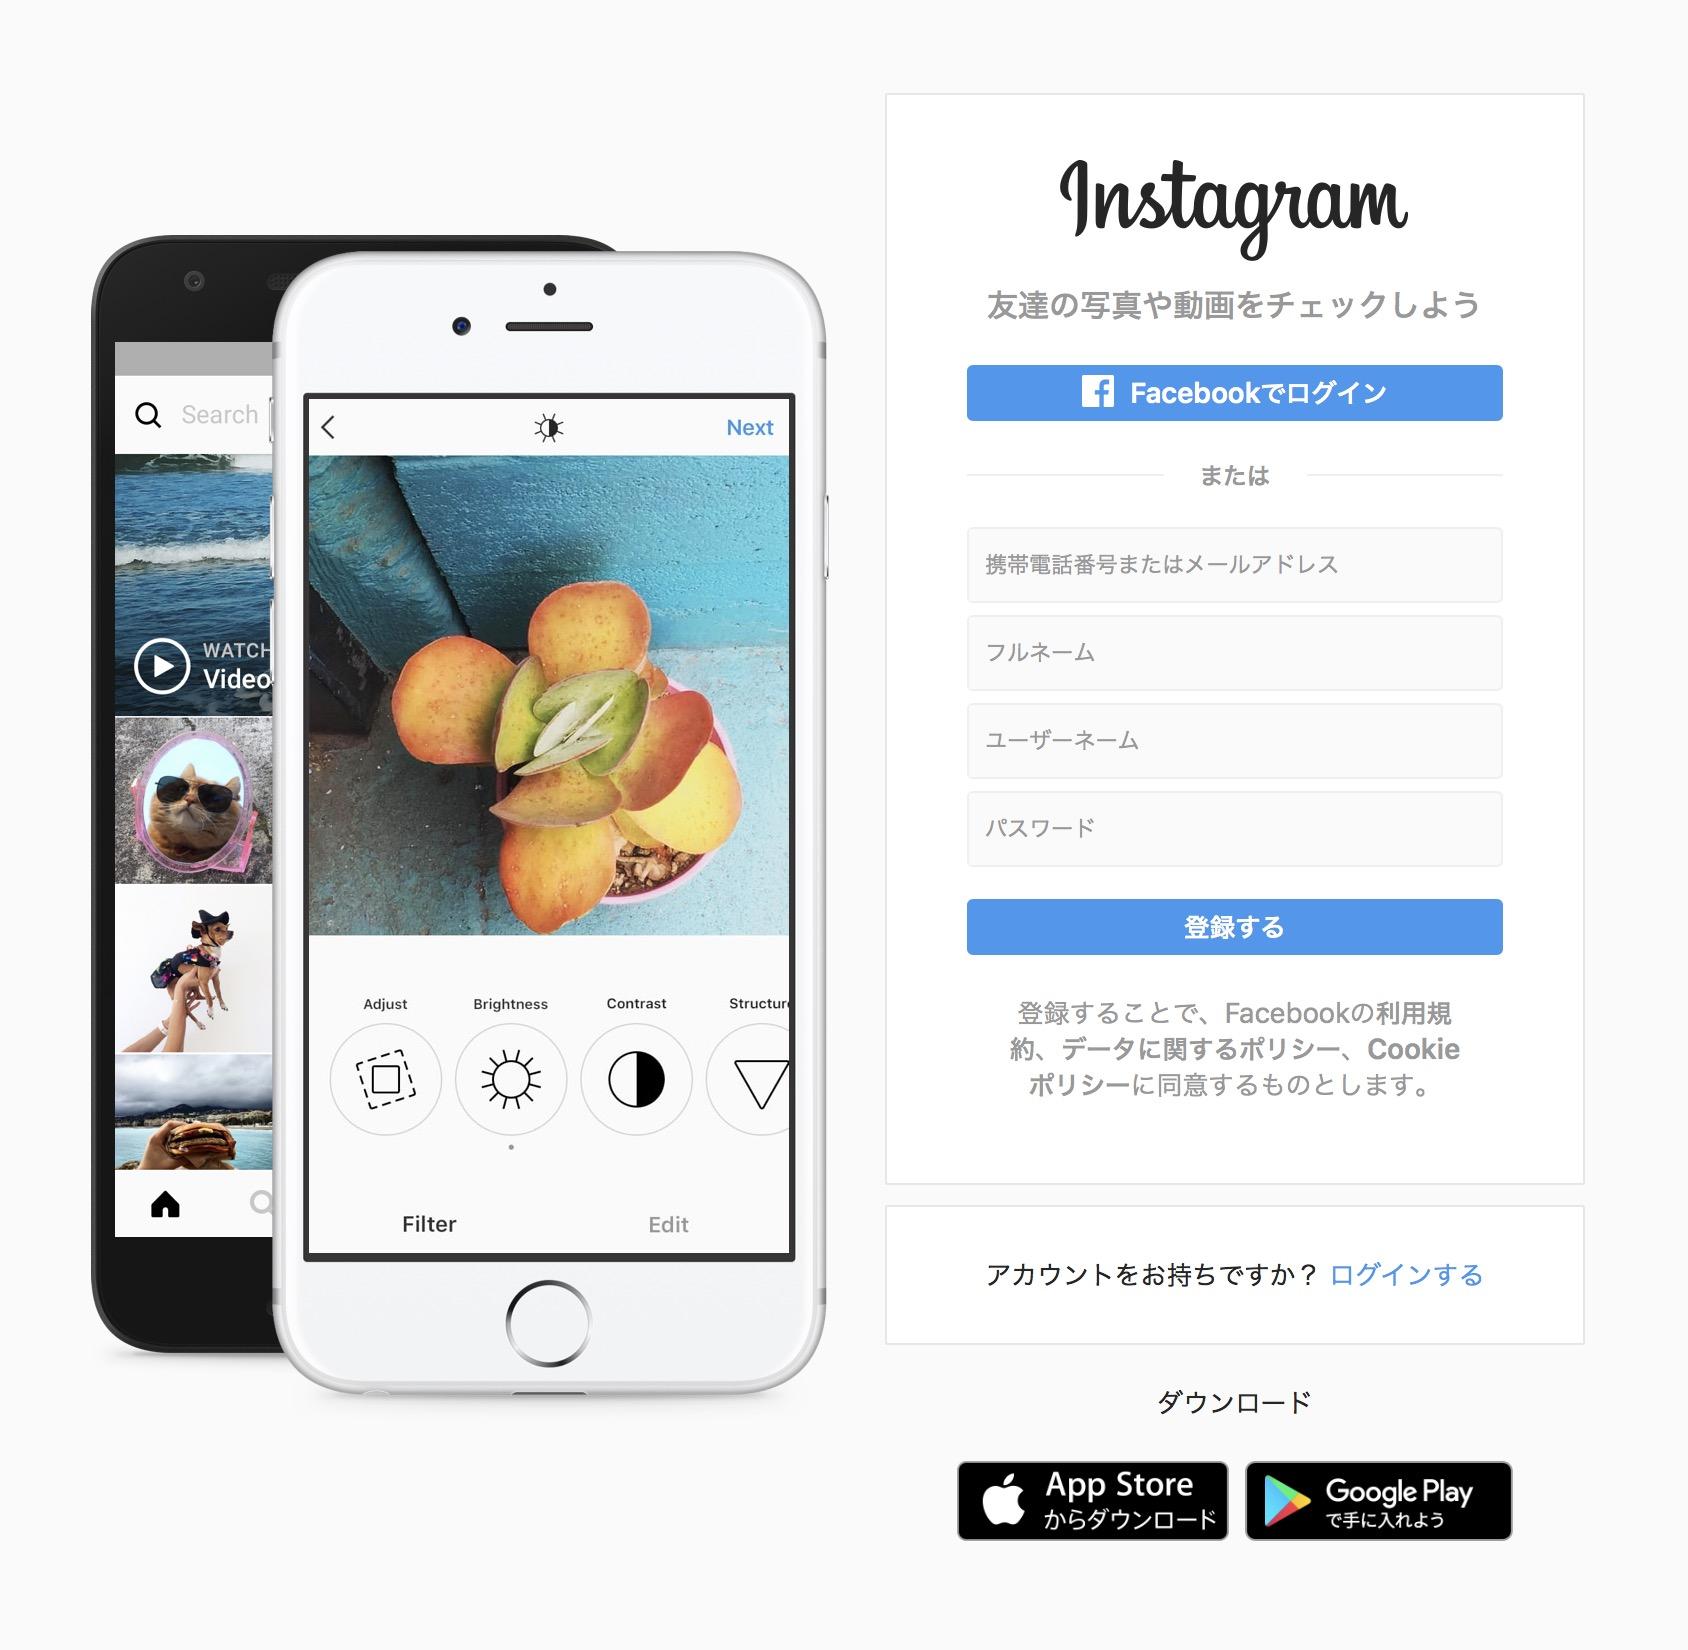 今すぐお金を稼ぐ方法⑧ Instagramでお金を稼ぐ